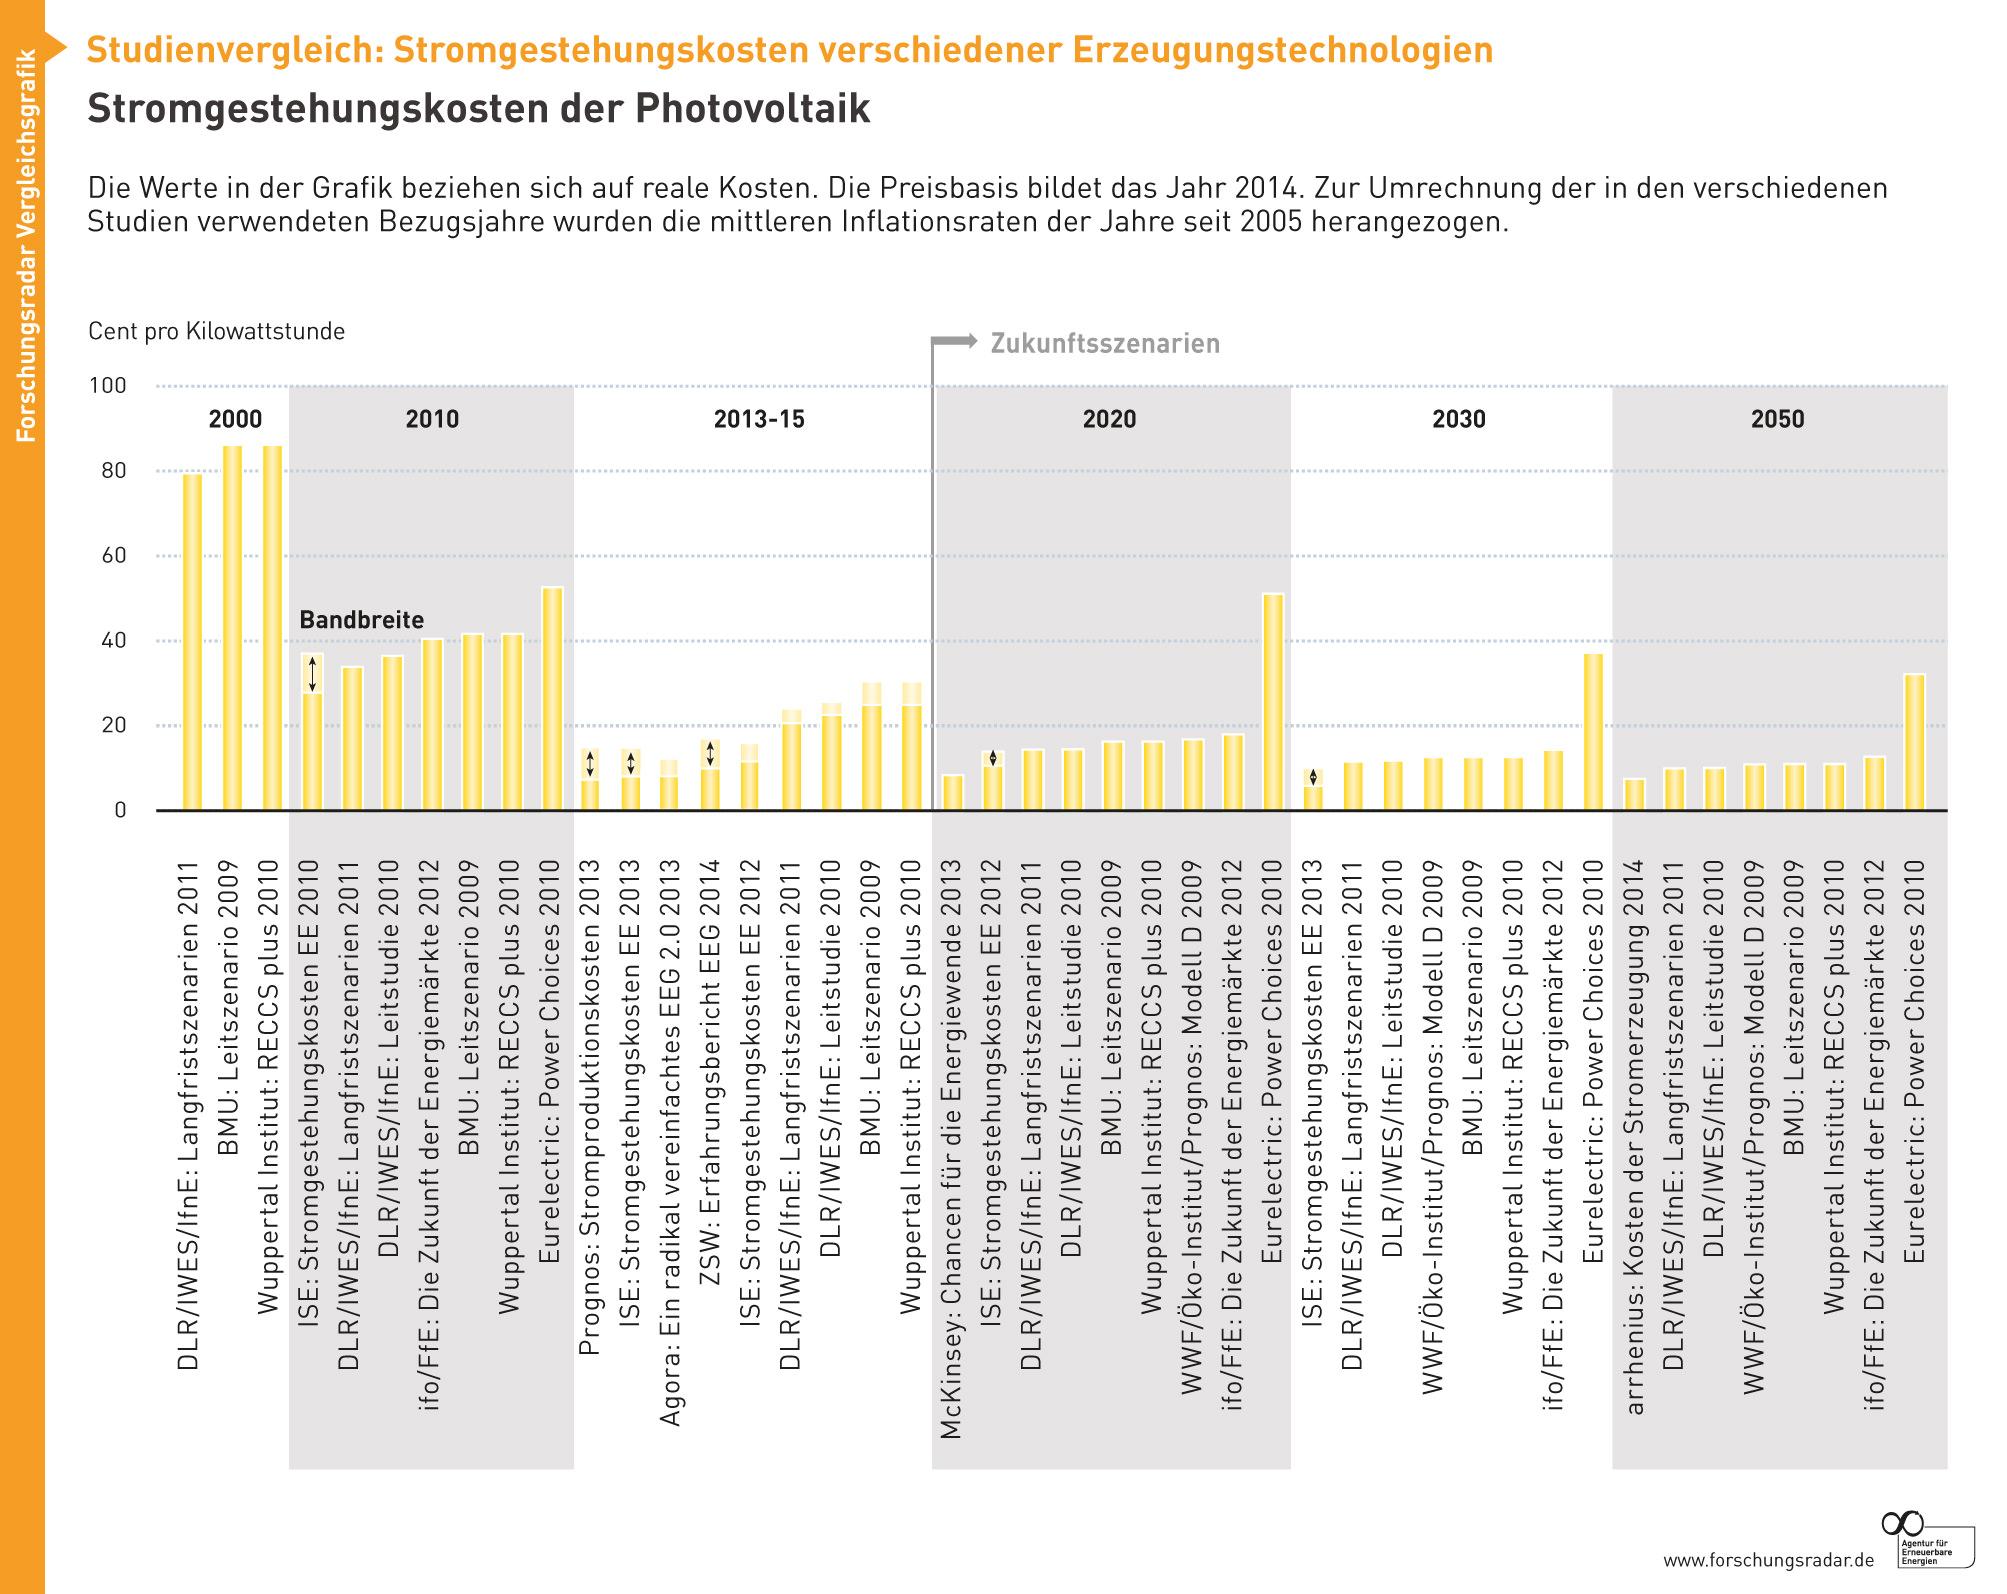 Stromgestehungskosten Photovoltaik